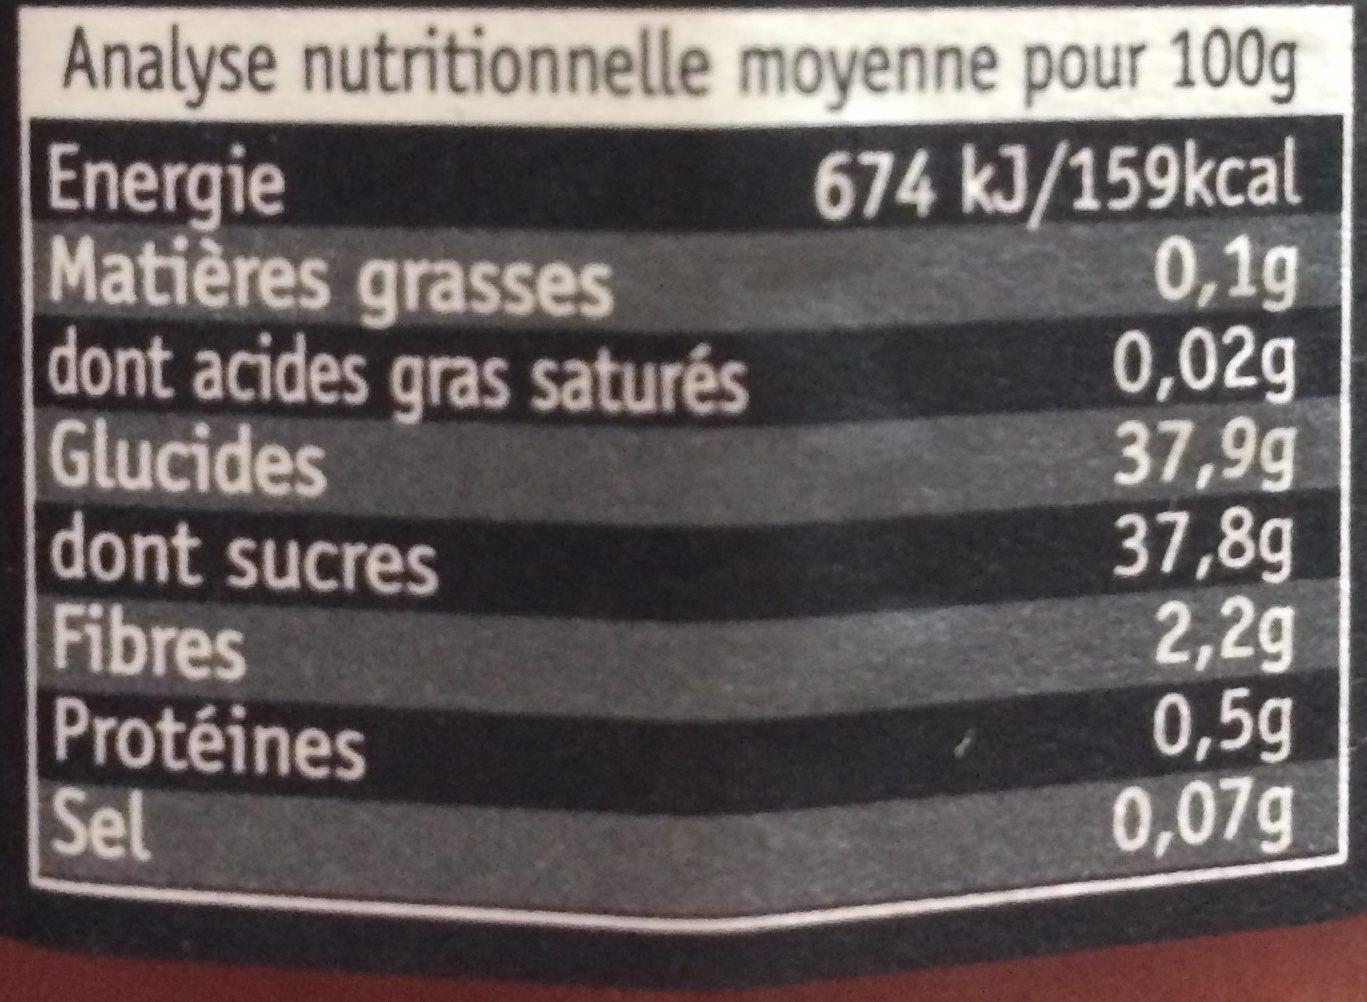 Fraise Rhubarbe, délice de fruits Bio - Voedigswaarden